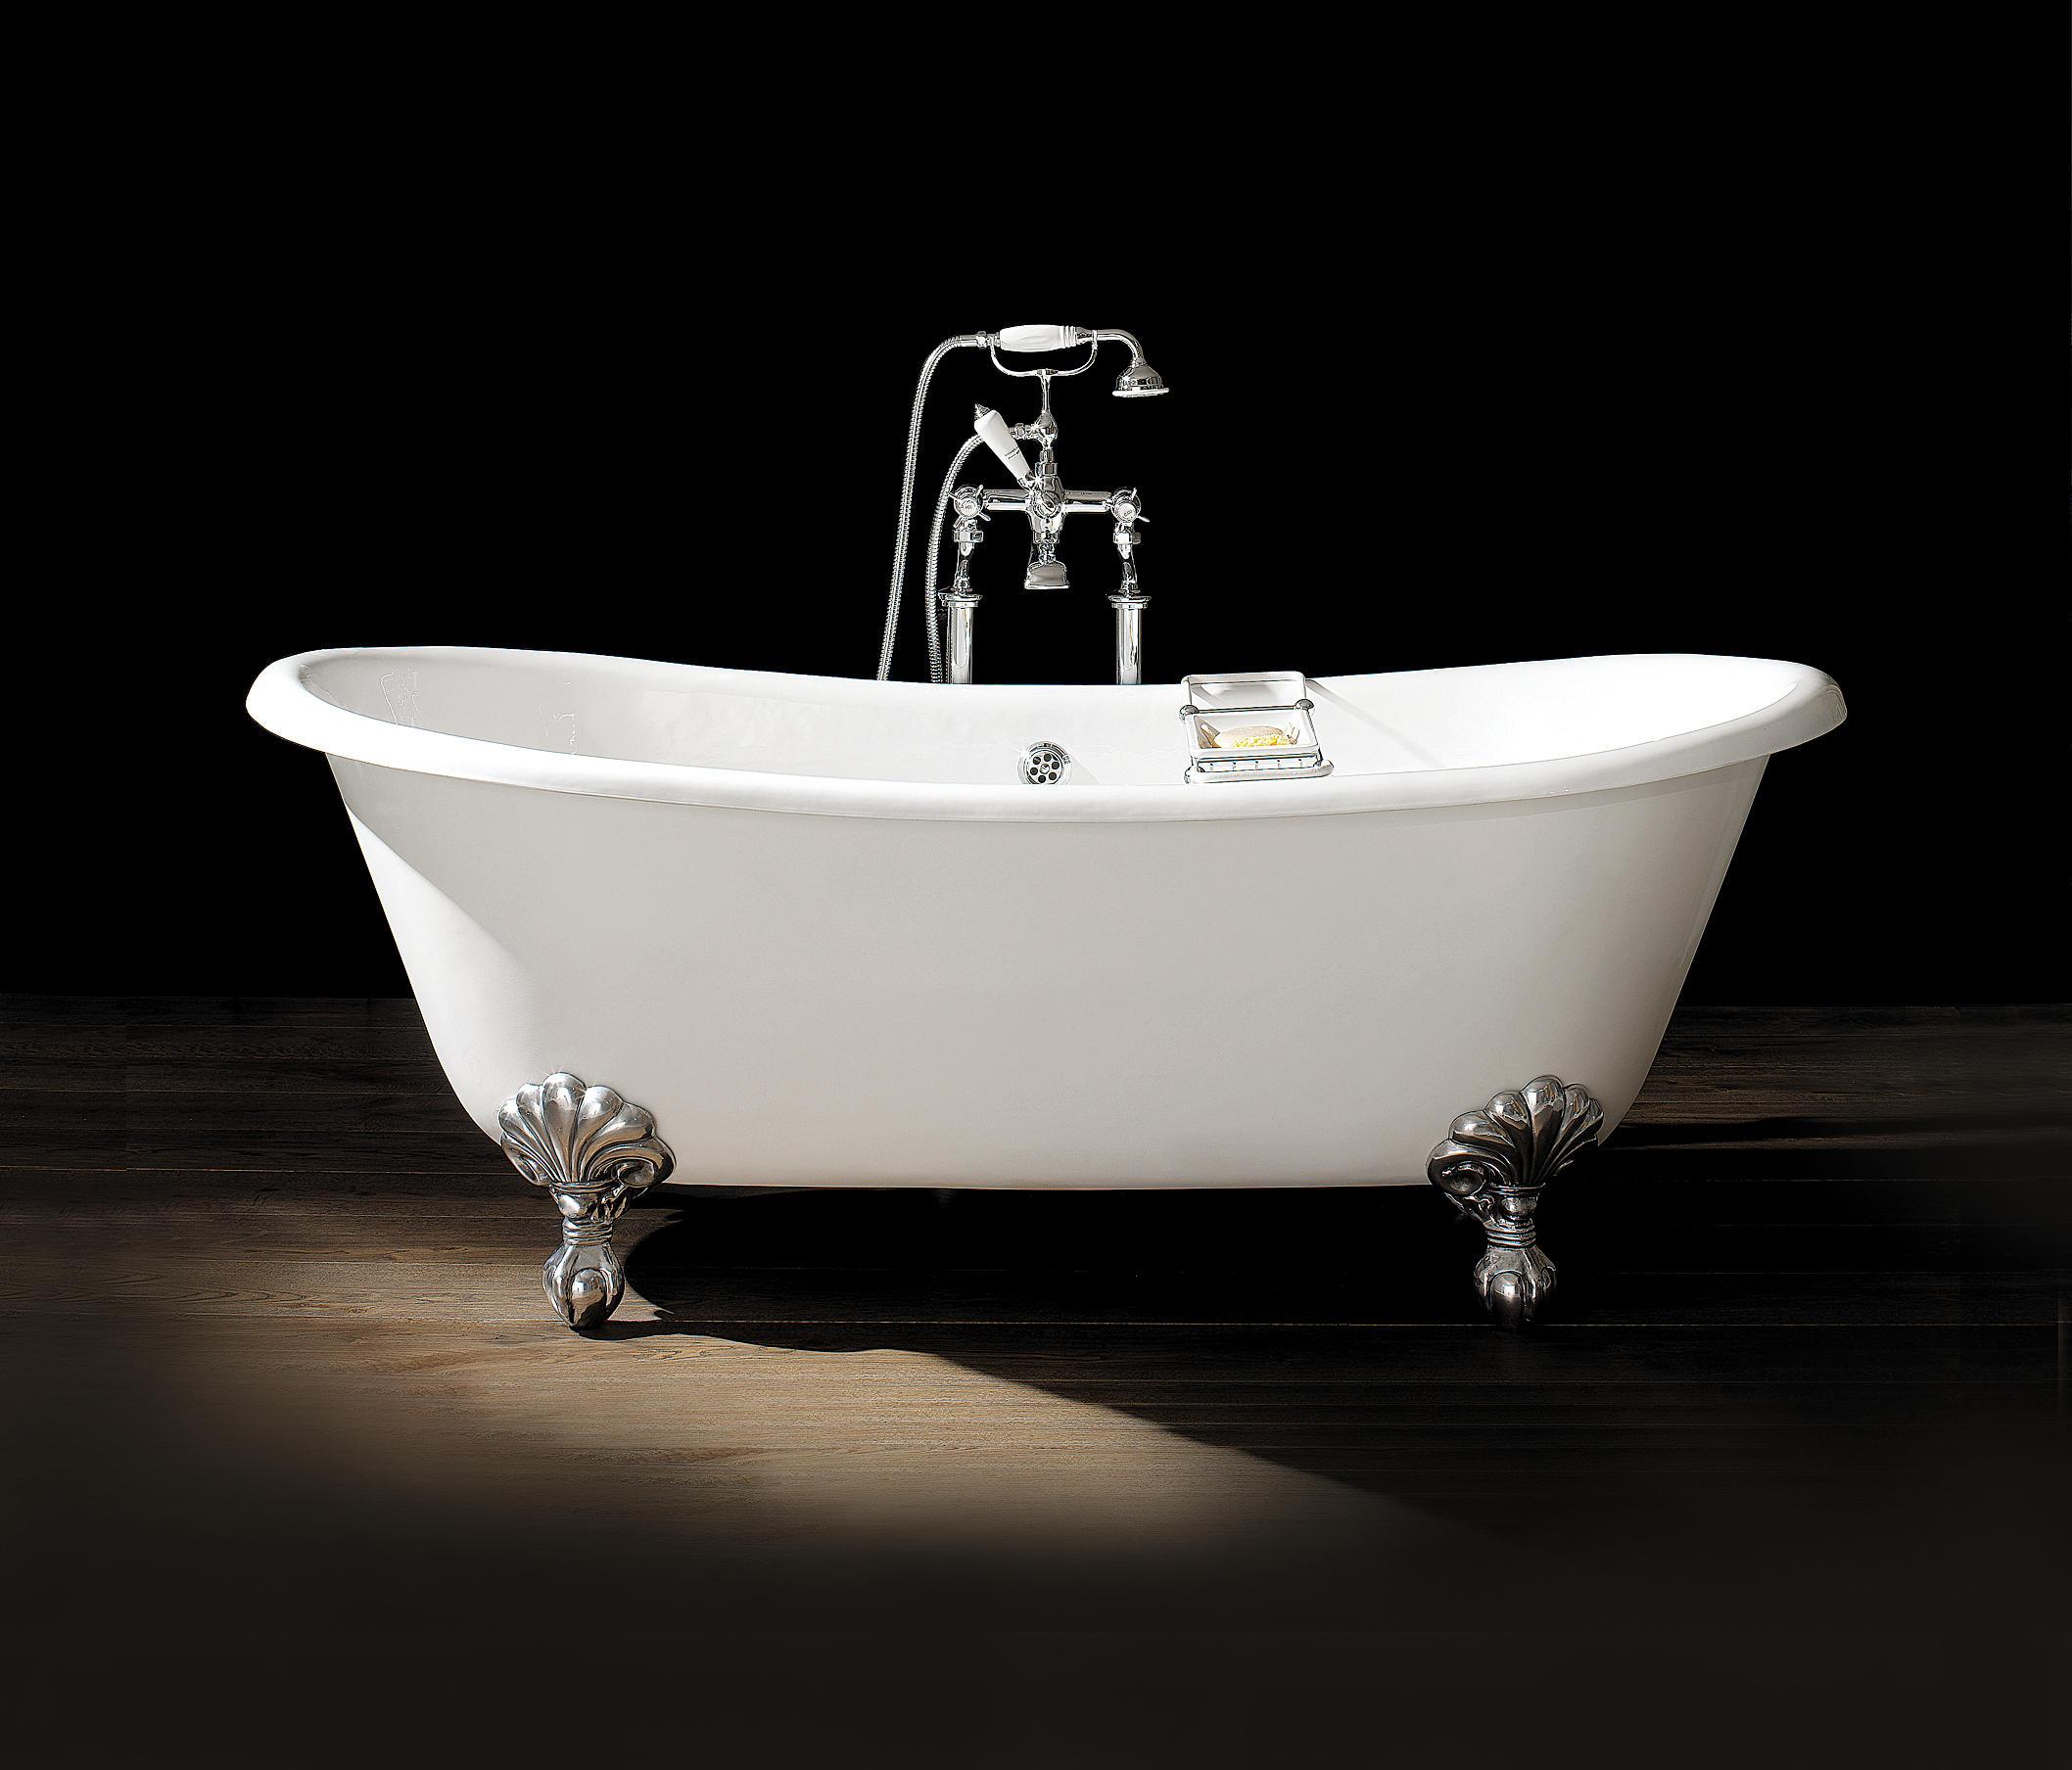 admiral 172 bathtub free standing baths from devon devon. Black Bedroom Furniture Sets. Home Design Ideas